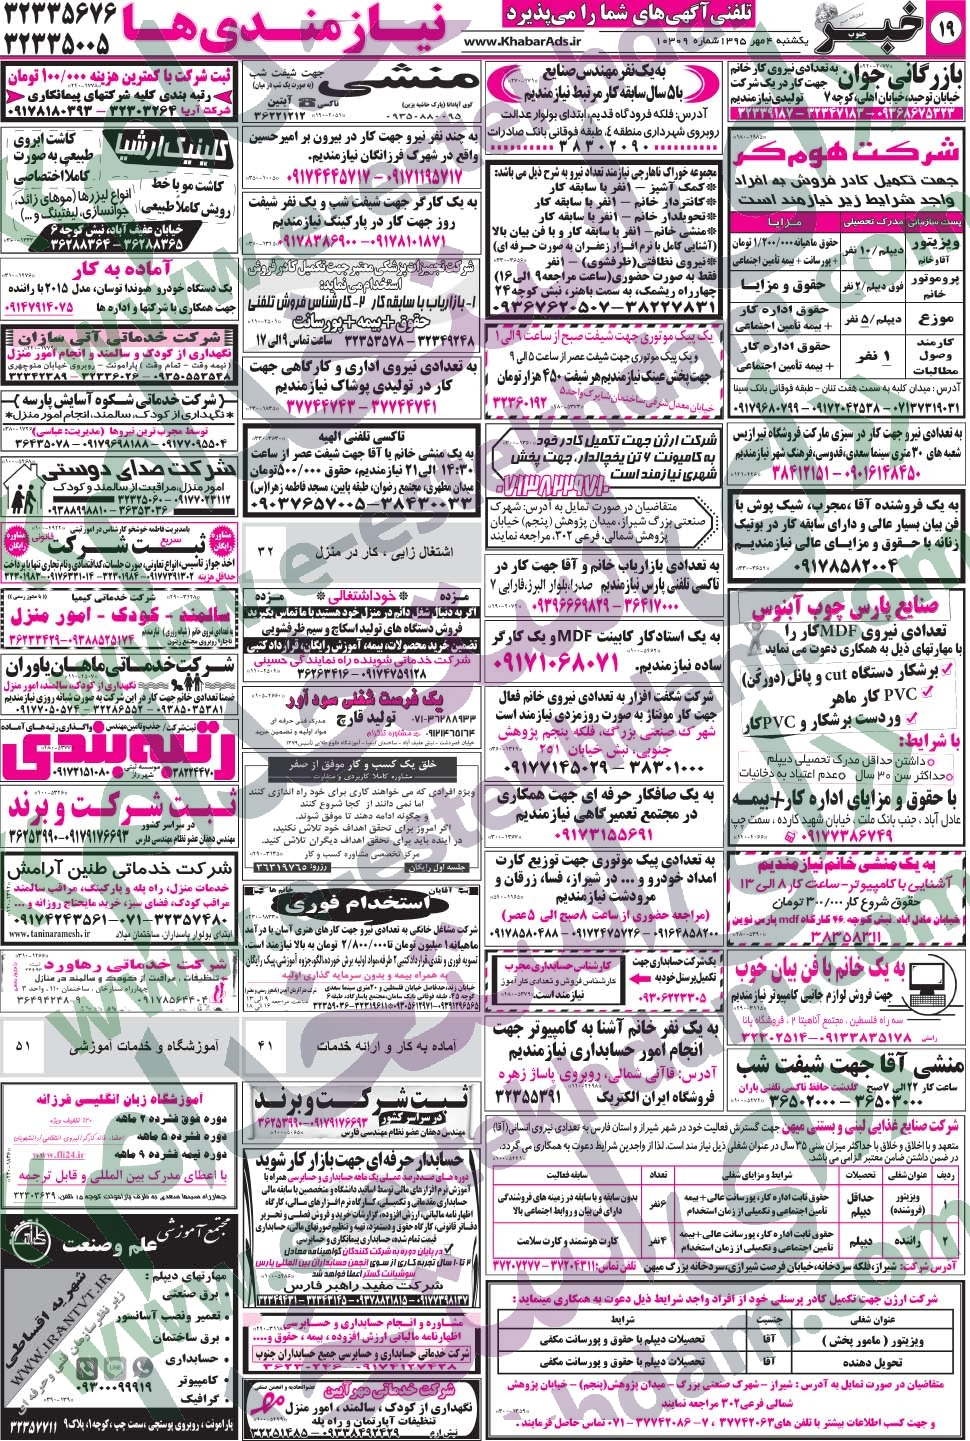 استخدام بازاریاب جهت کار در شهر شیراز استخدام حسابدار جهت کار در بازرگانی رزمی در شیراز